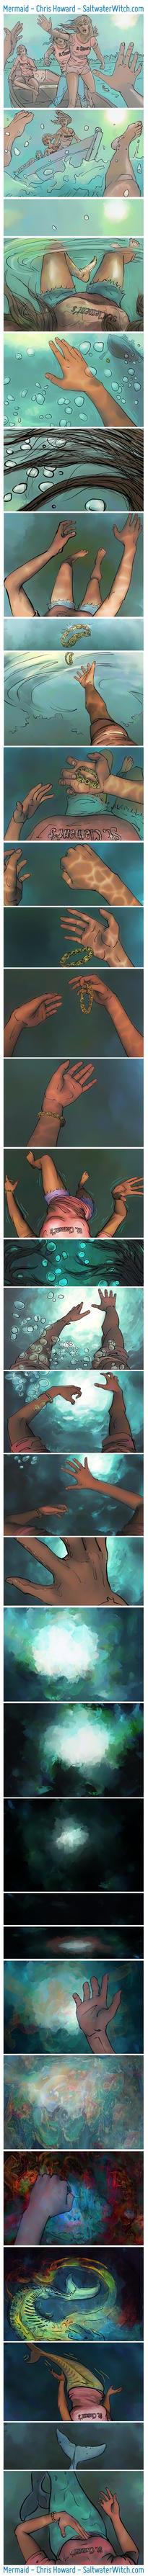 Mermaid Comic - Chris Howard by the0phrastus